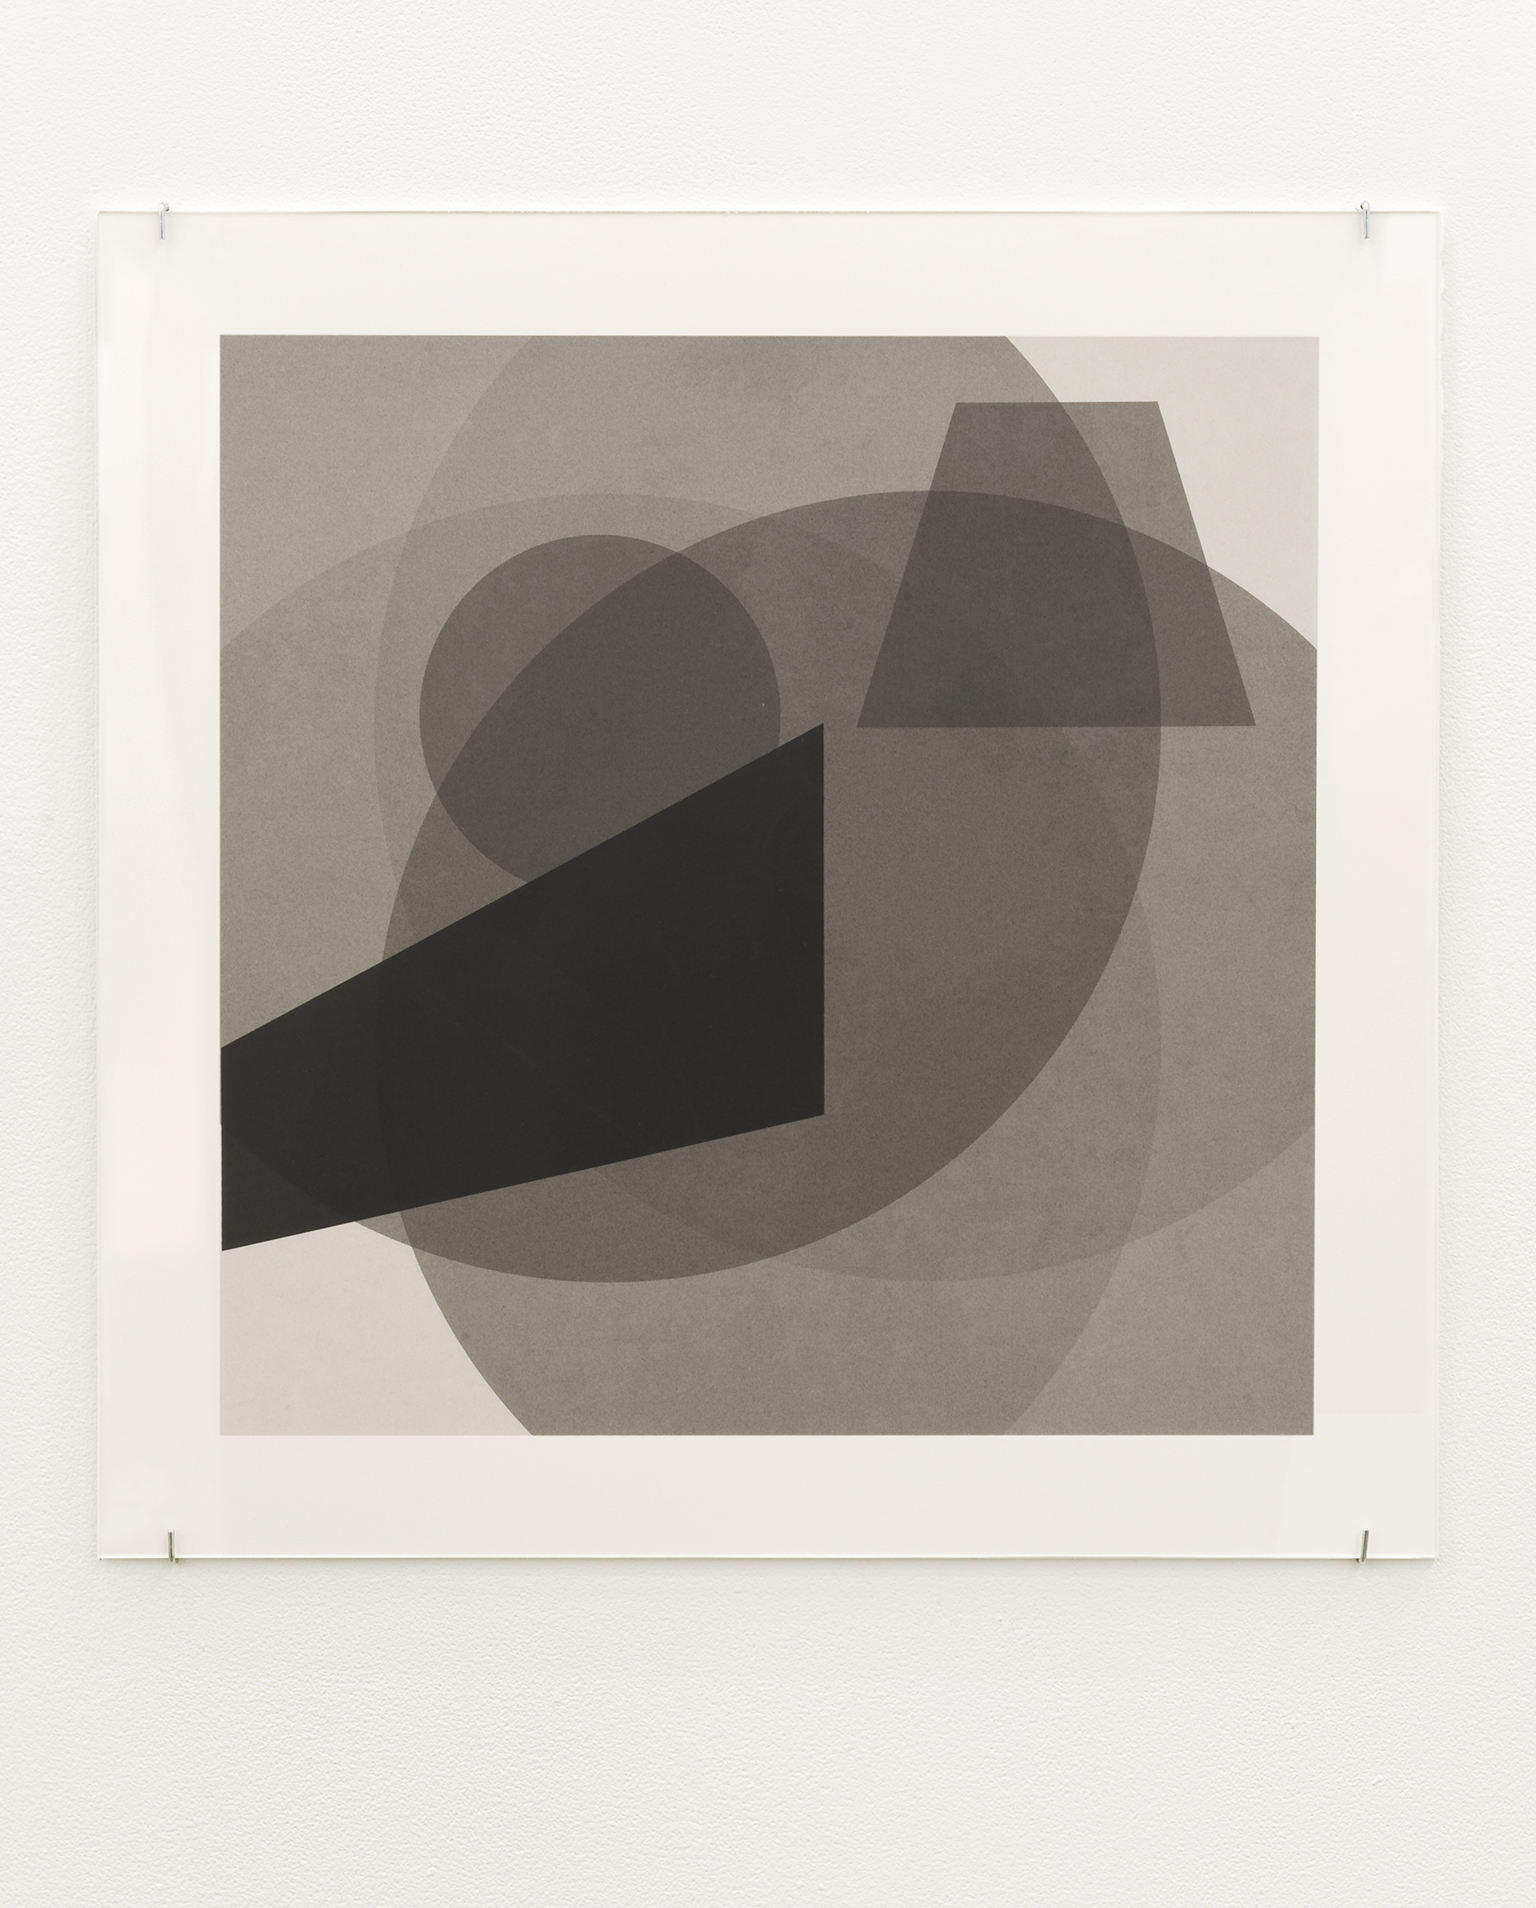 Janice Kerbel, Cue, 2011, silkscreen on paper, 22 x 22 in. (56 x 56 cm) by